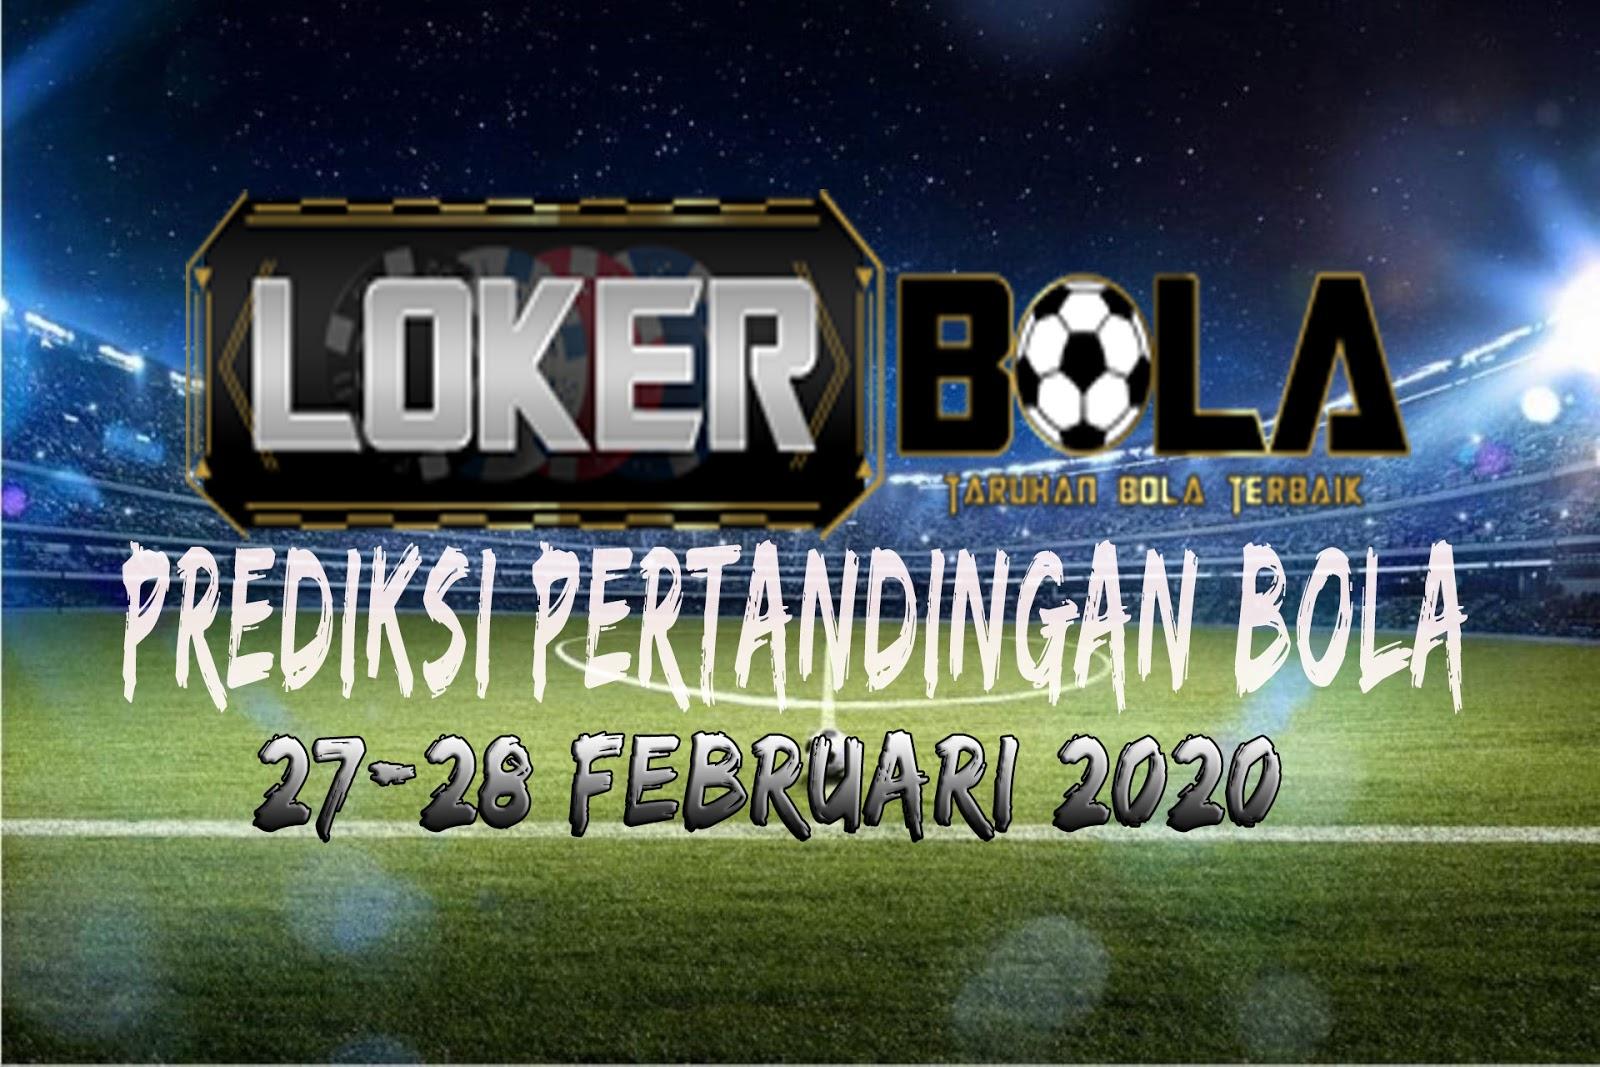 PREDIKSI PERTANDINGAN BOLA 27-28 FEBRUARI 2020